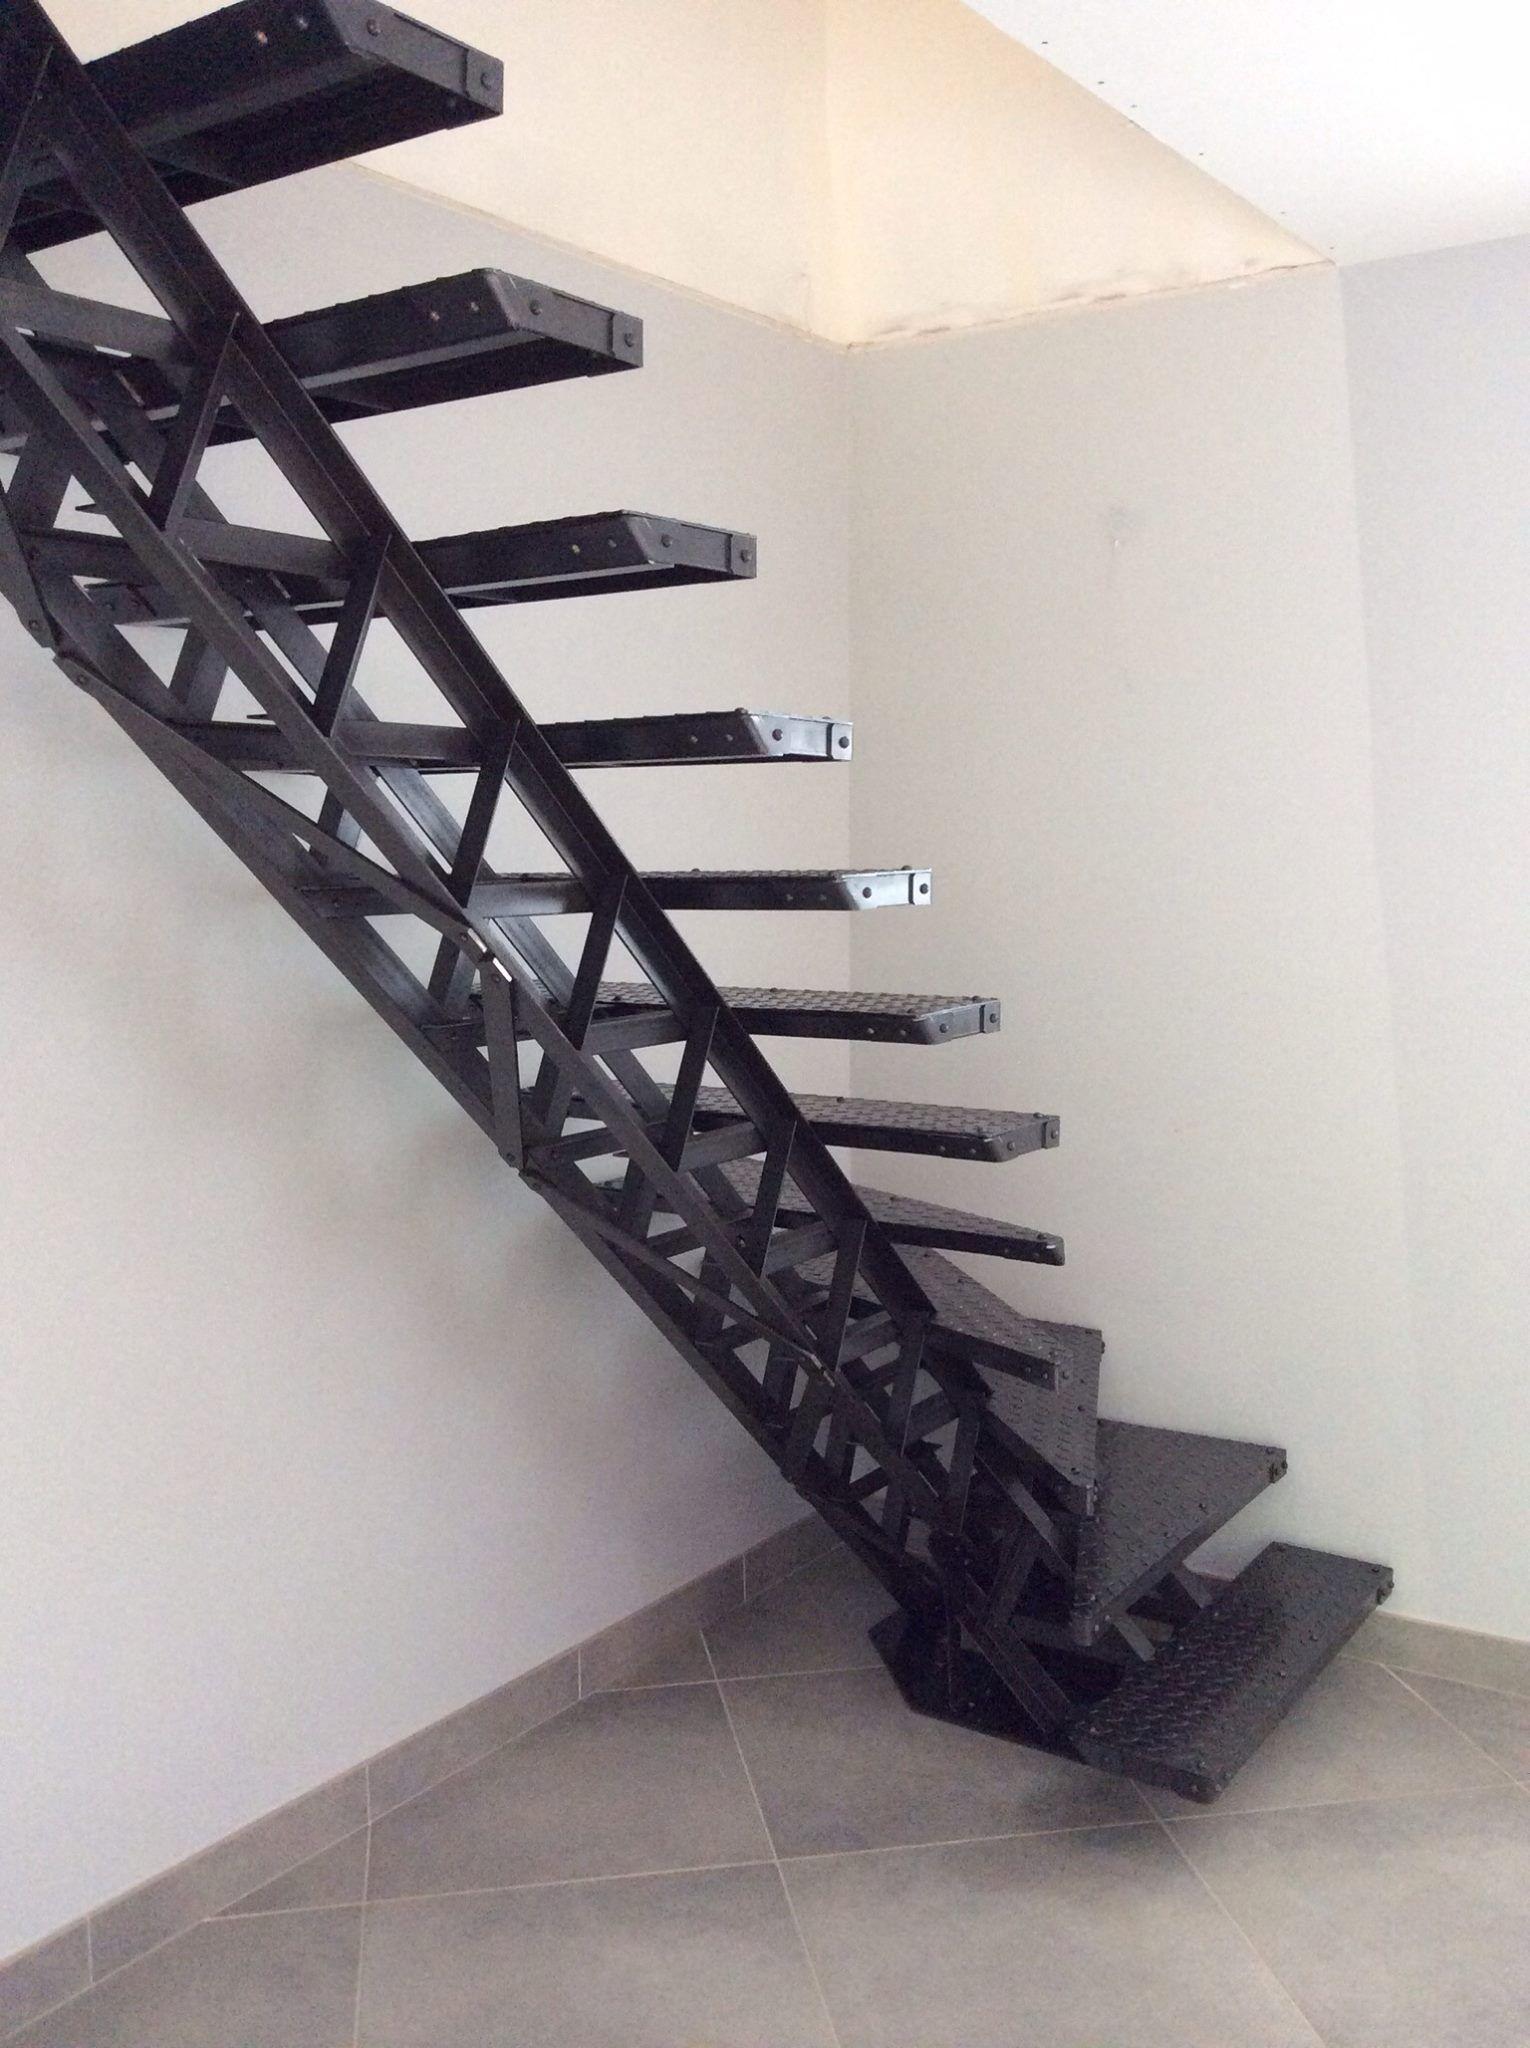 escalier type eiffel en acier avec limon central. Black Bedroom Furniture Sets. Home Design Ideas